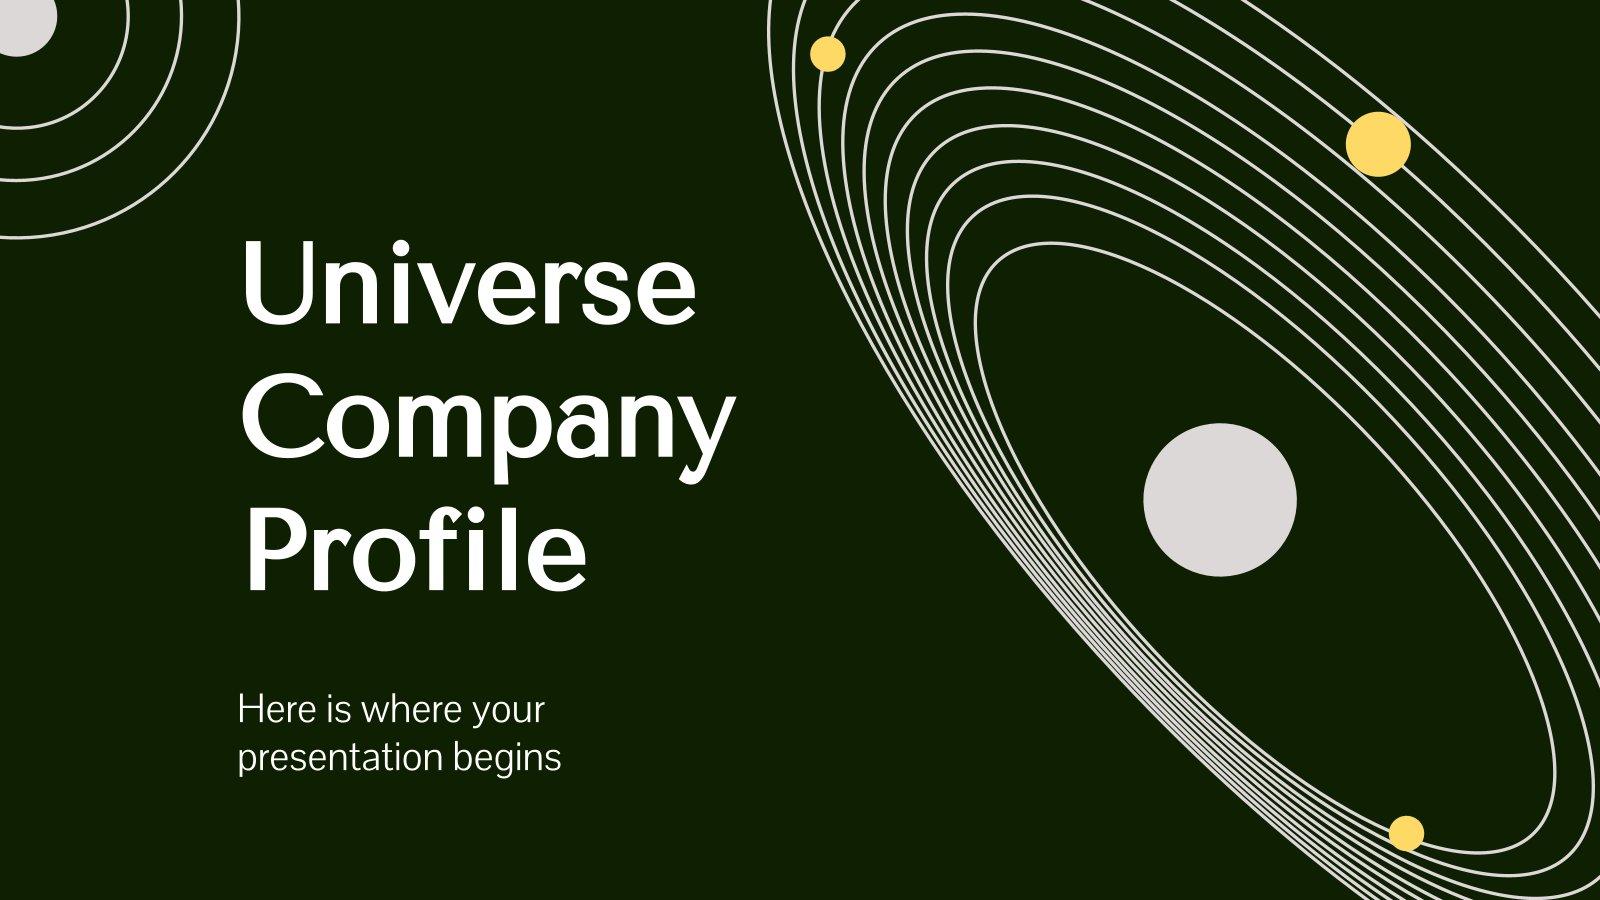 Flaches Universum Firmenprofil Präsentationsvorlage